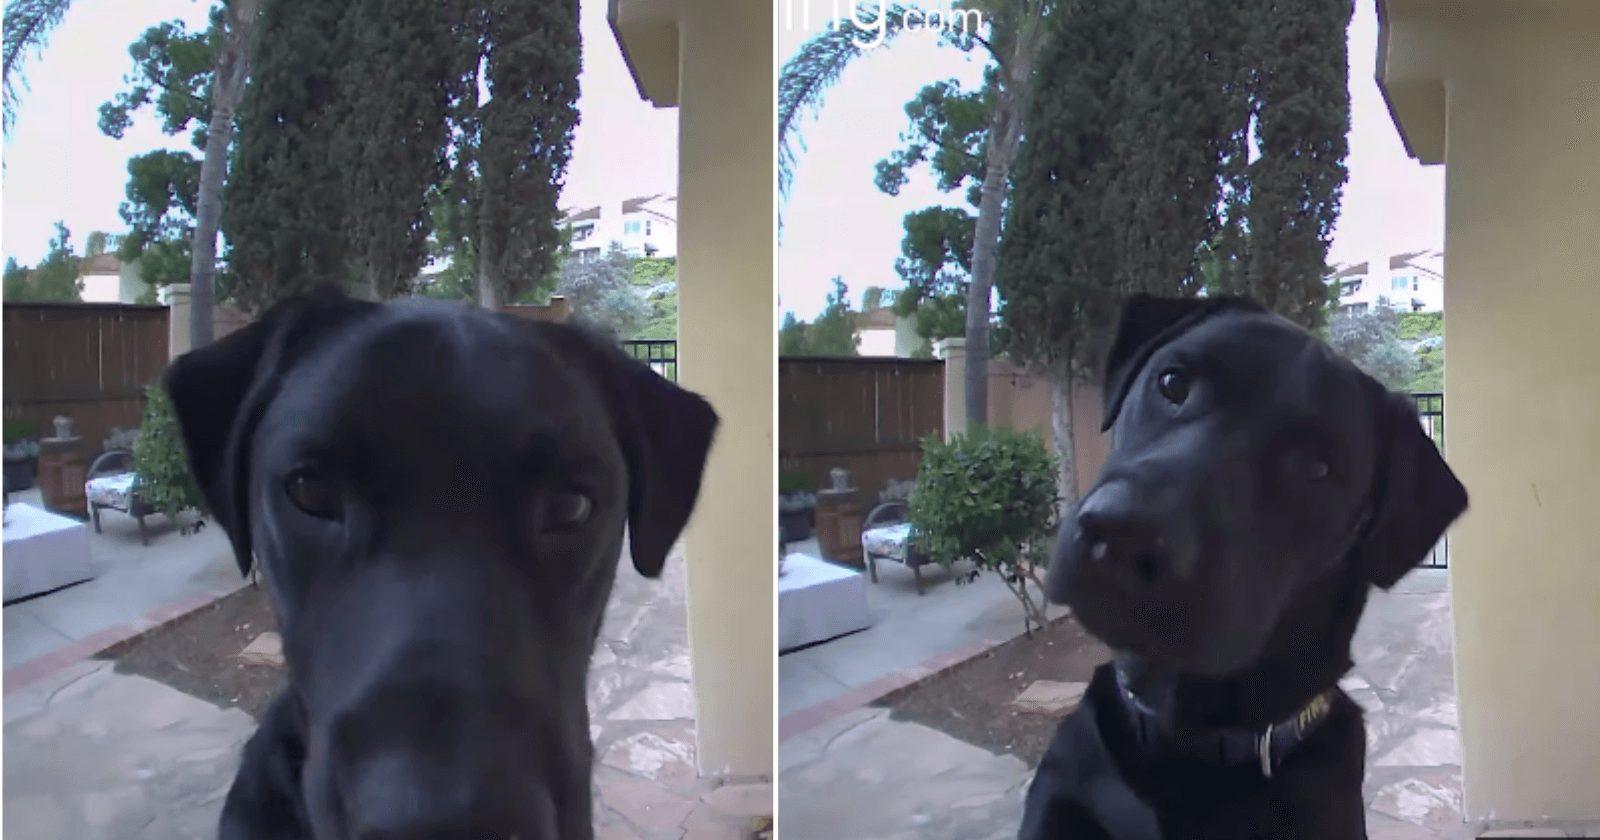 Dona chama cachorro pela câmera e reação confusa dele é fofa